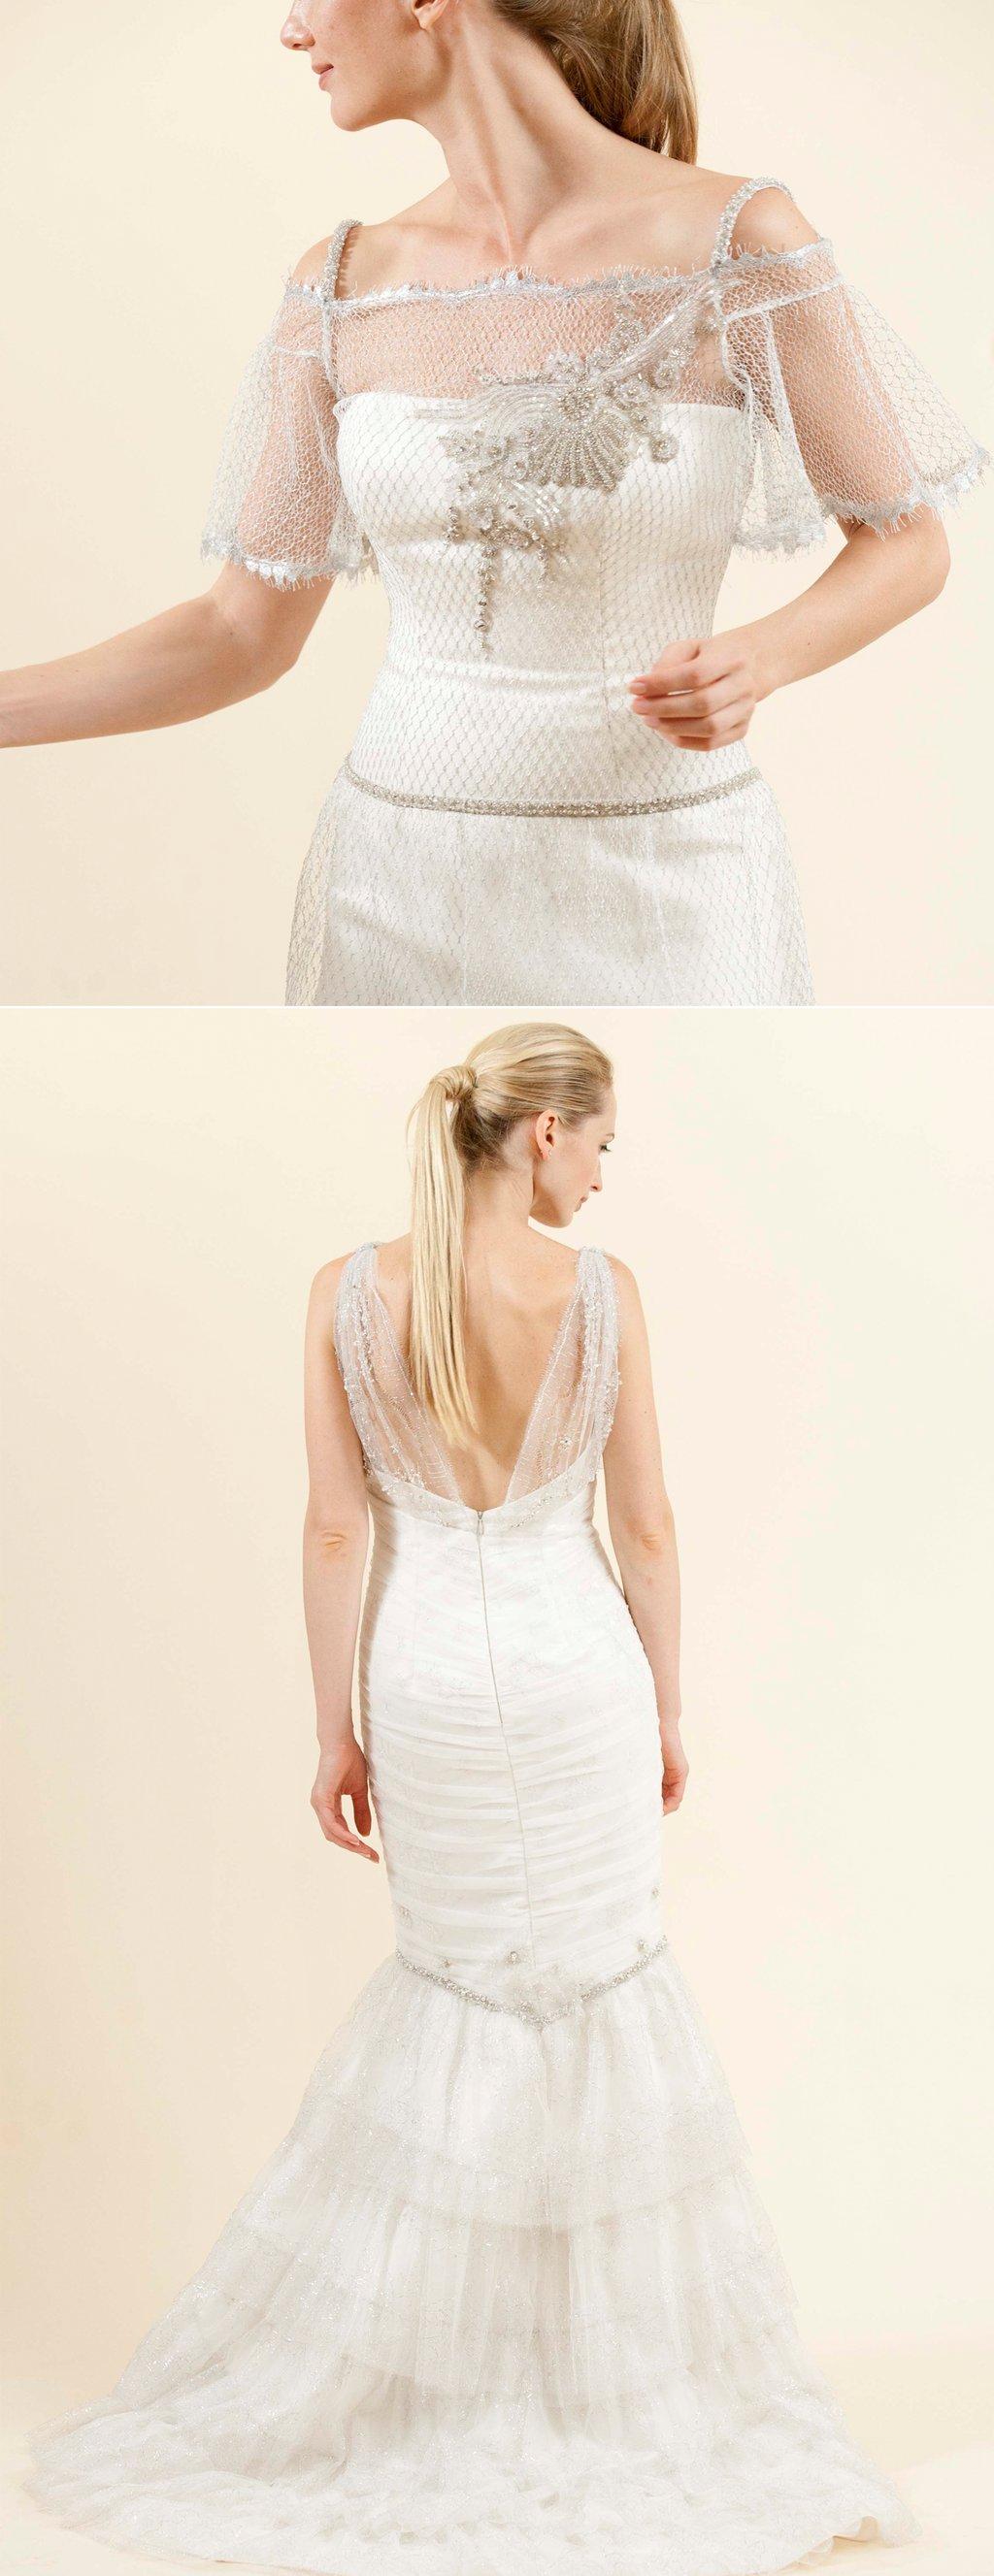 Coco-vochi-wedding-dress-2012-mermaid-bridal-gown-beaded.full